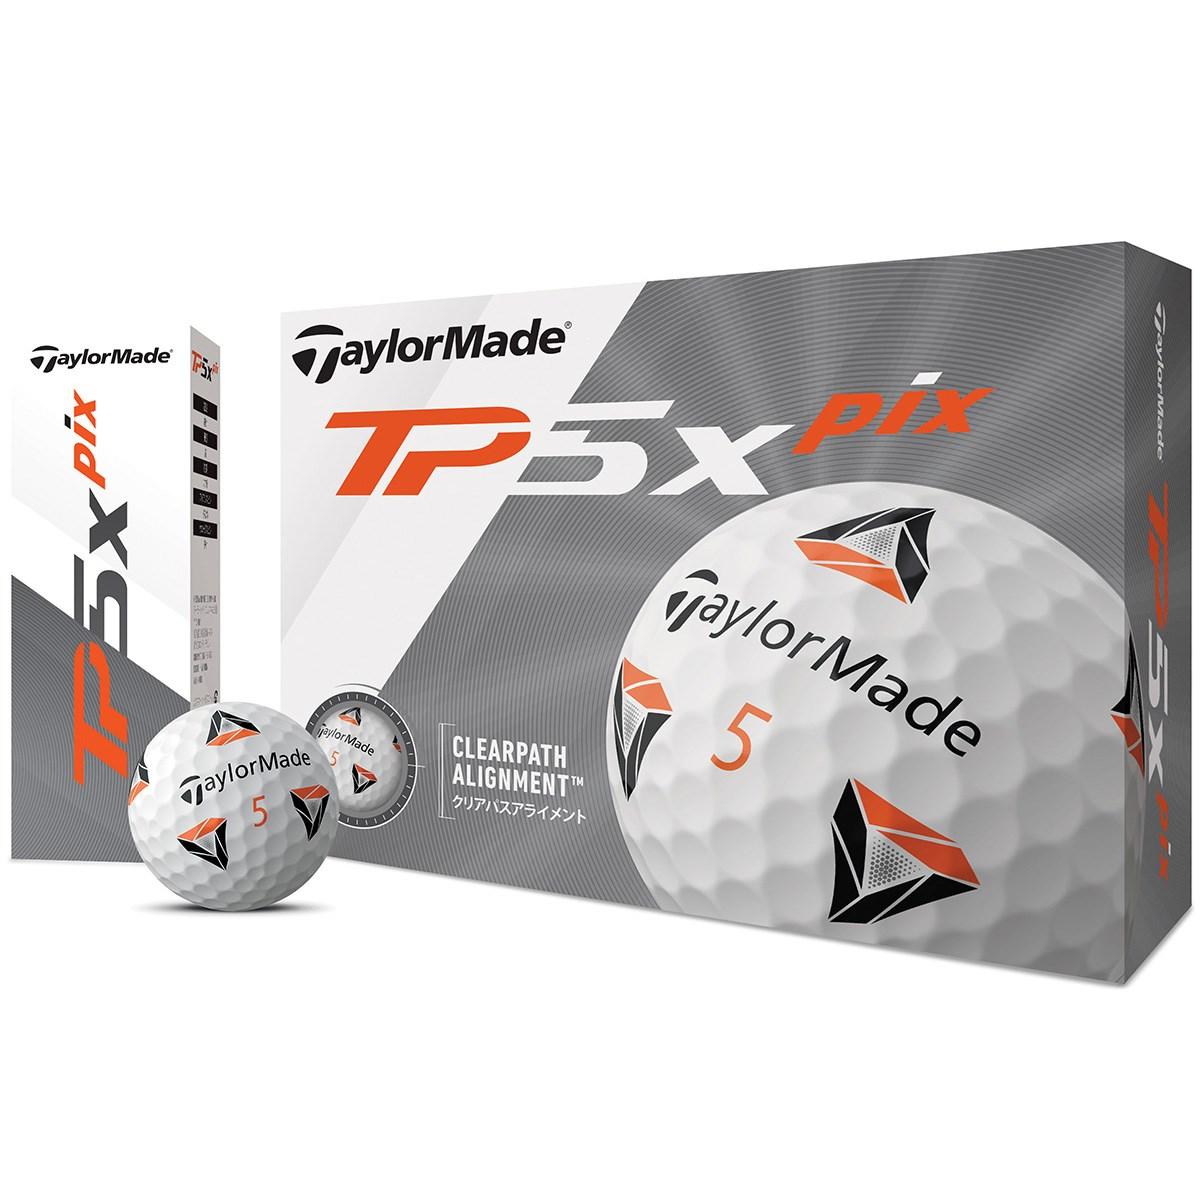 テーラーメイド(Taylor Made) TP5x pix ボール